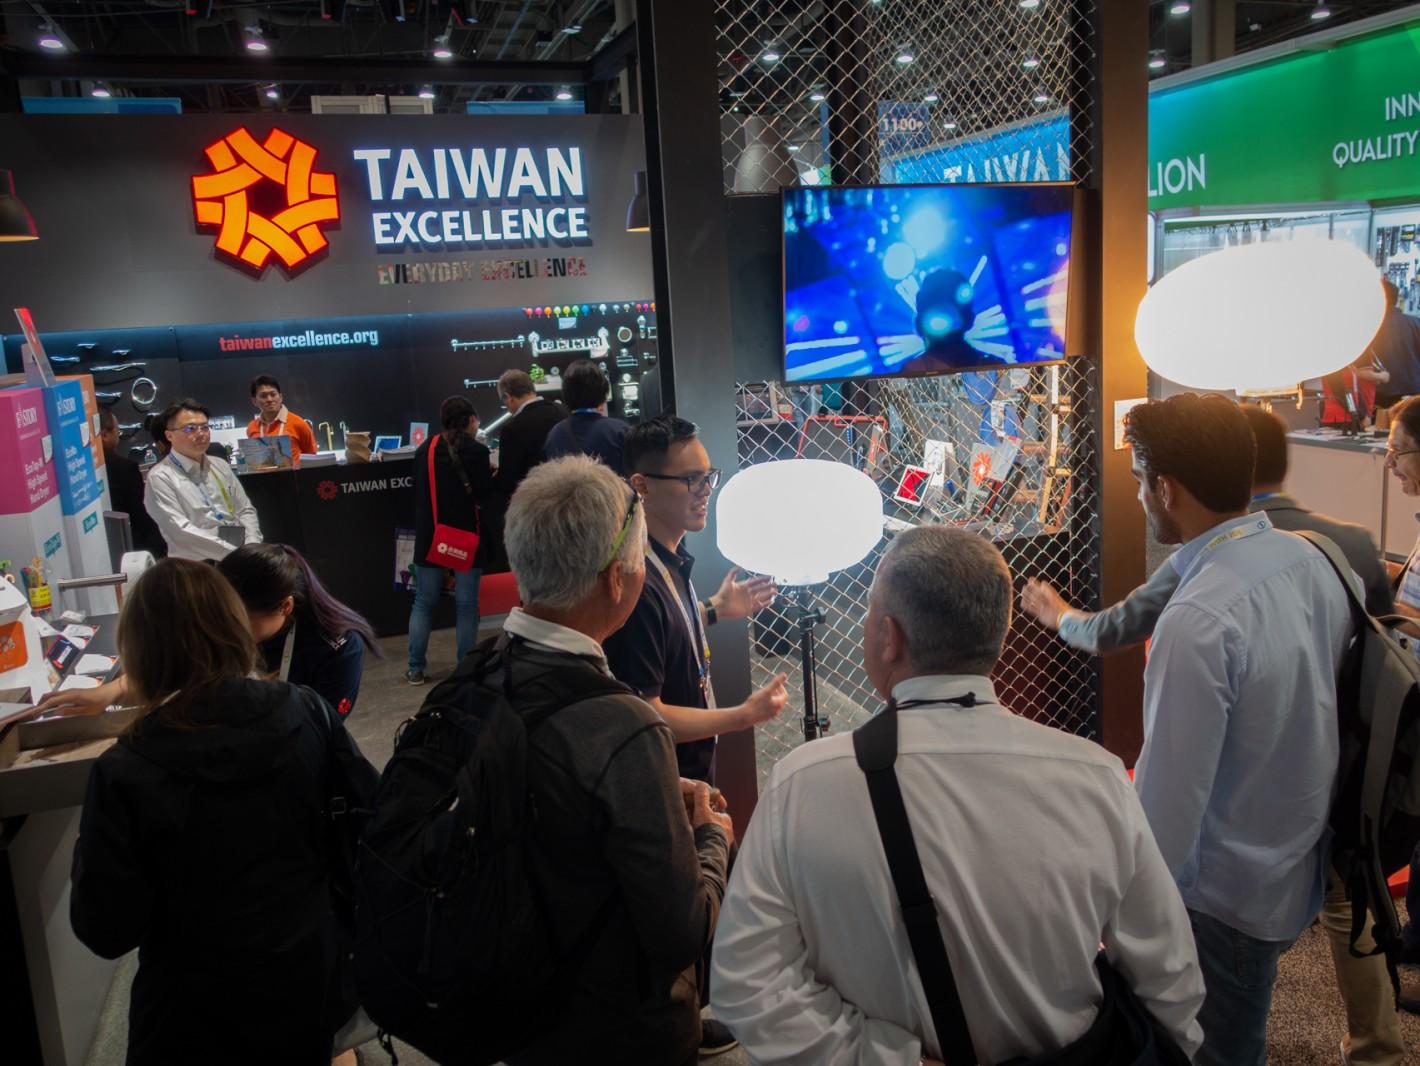 美洲、中美洲買主絡繹不絕,紛紛表示有意願採購青暘LED氣球燈